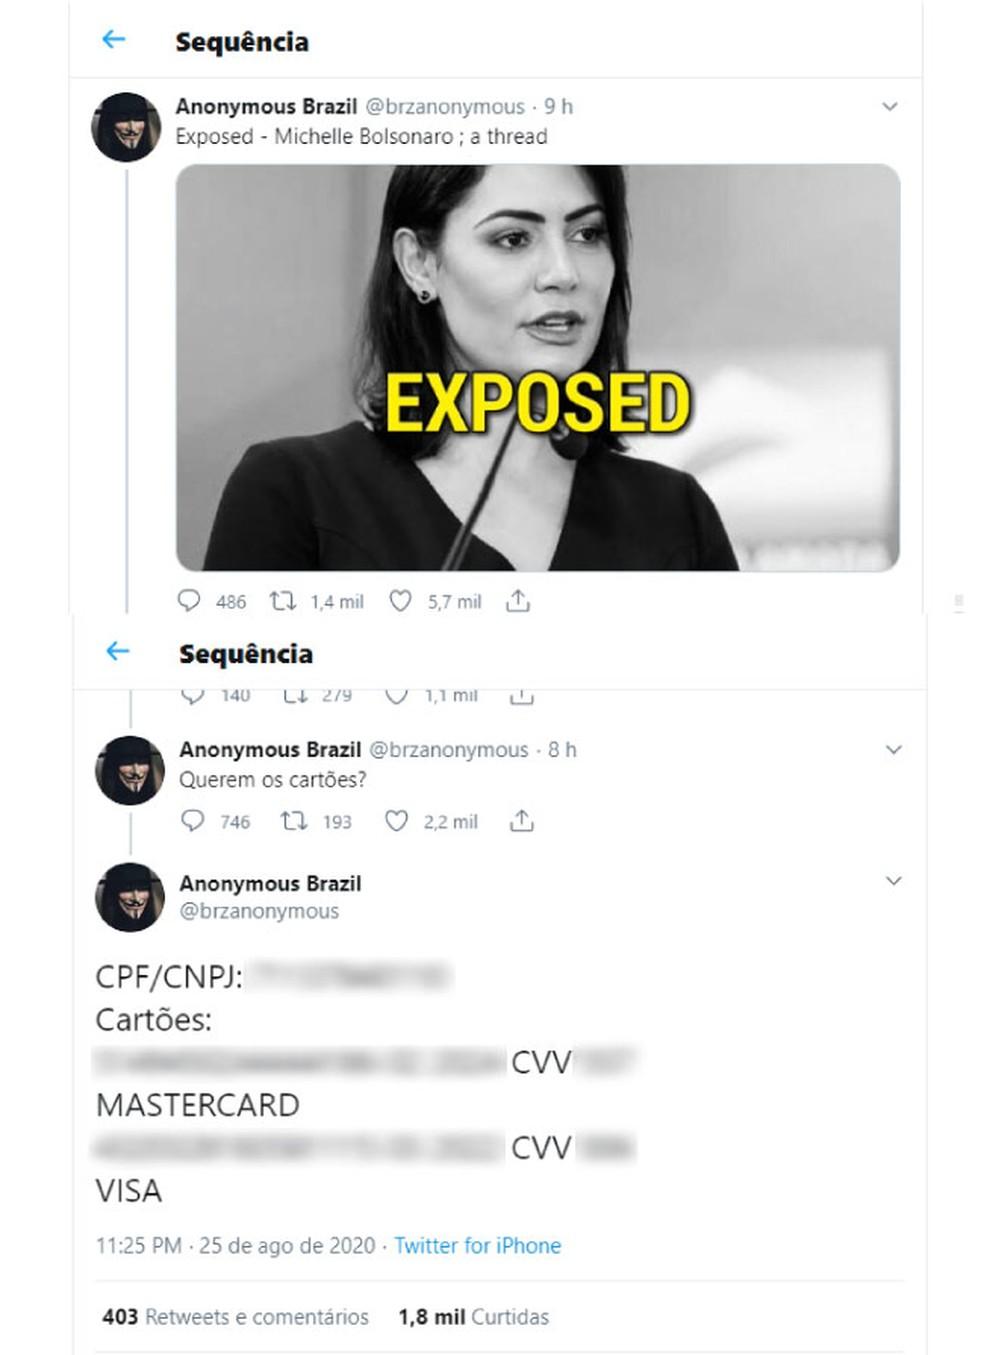 Grupo de hackers vazou informações pessoais de Michelle Bolsonaro em rede social — Foto: Reprodução